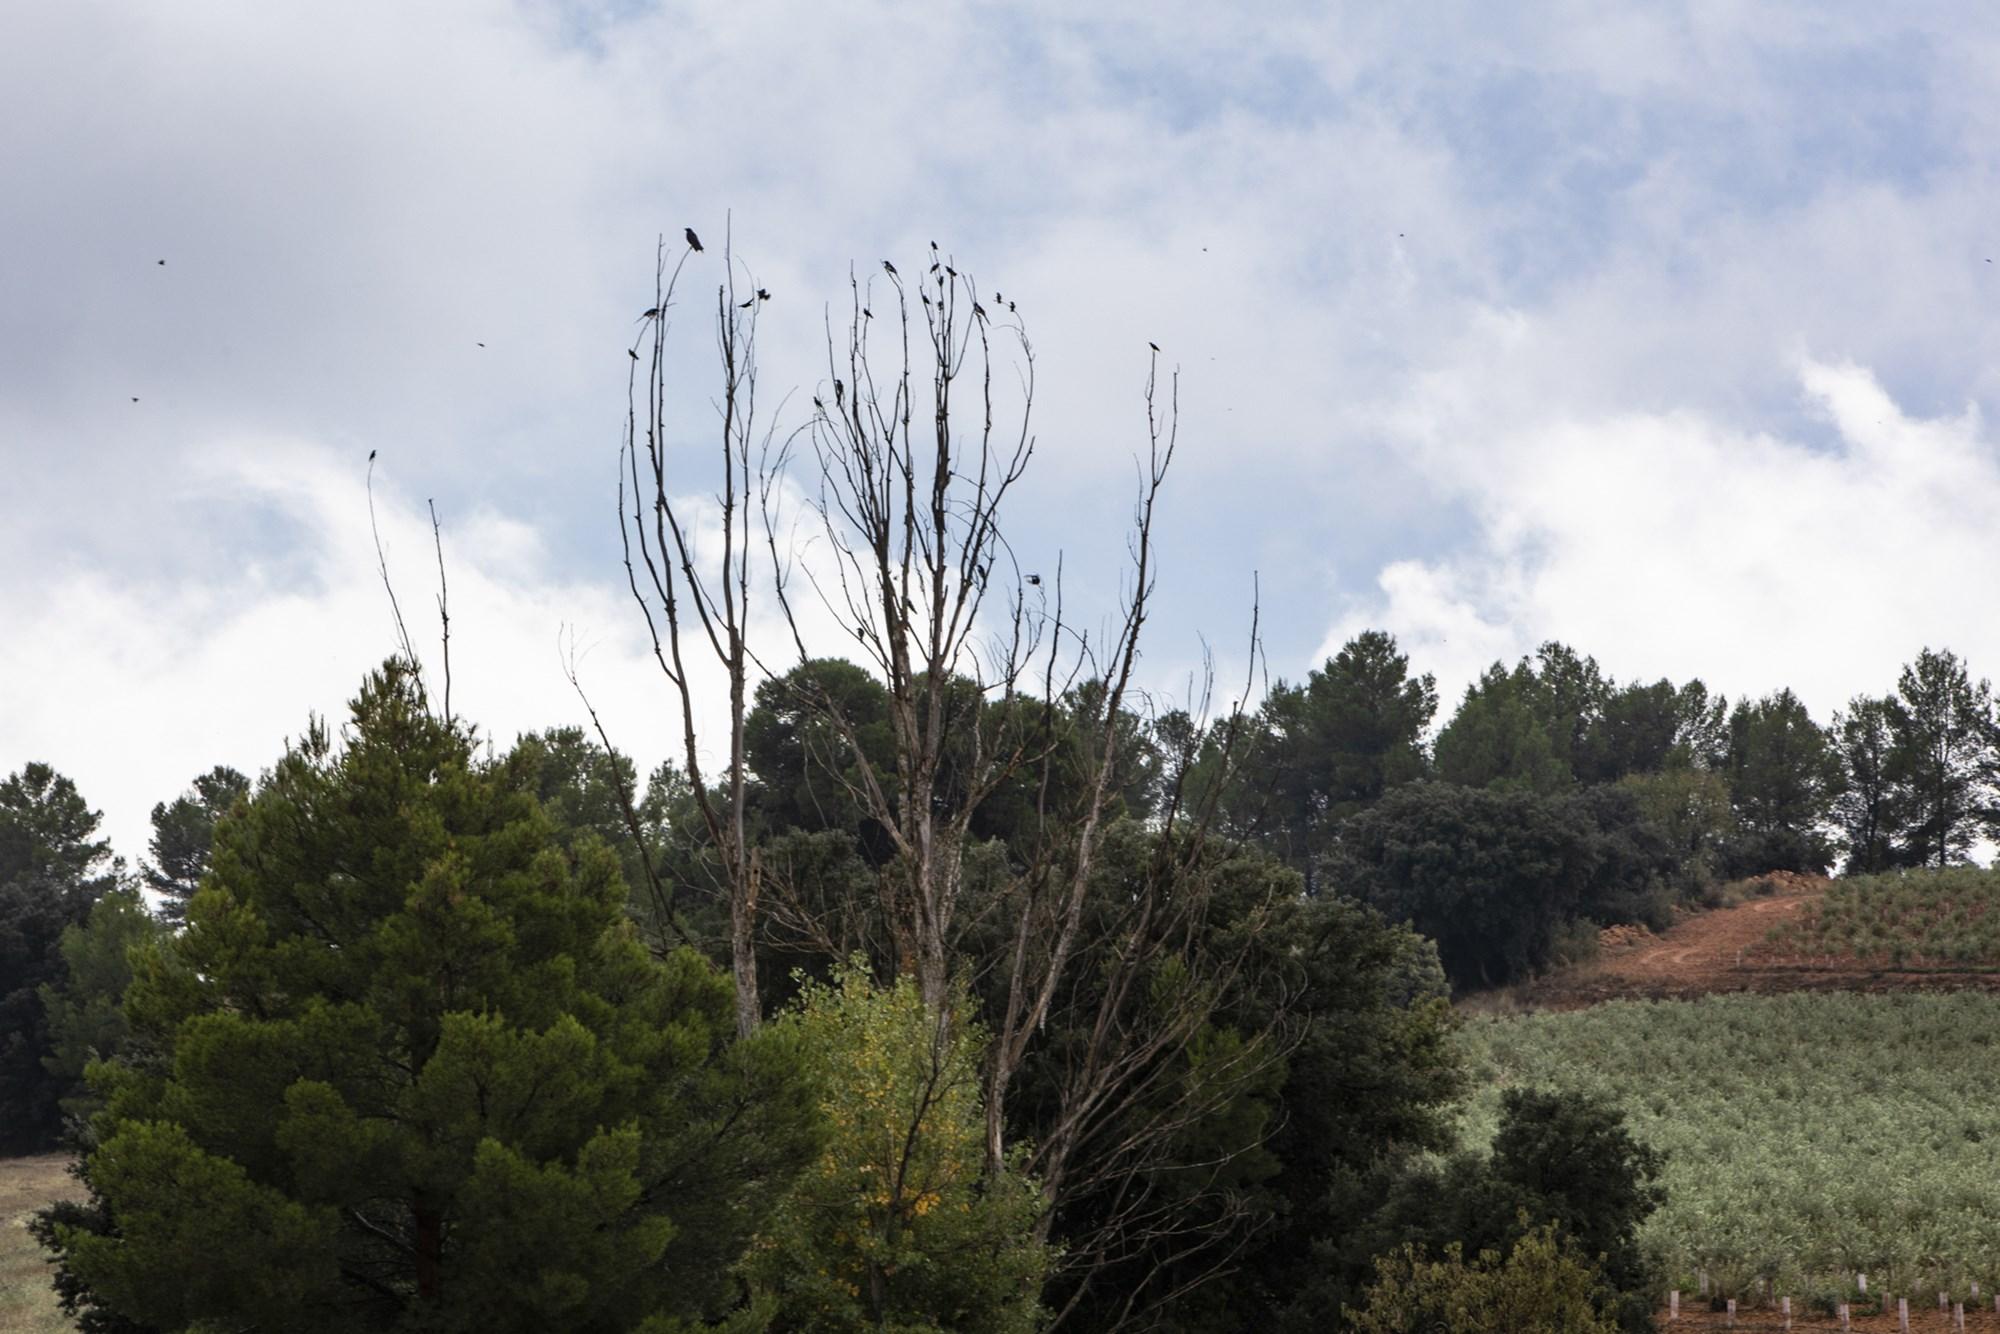 Corneja y estorninos posados en un árbol.